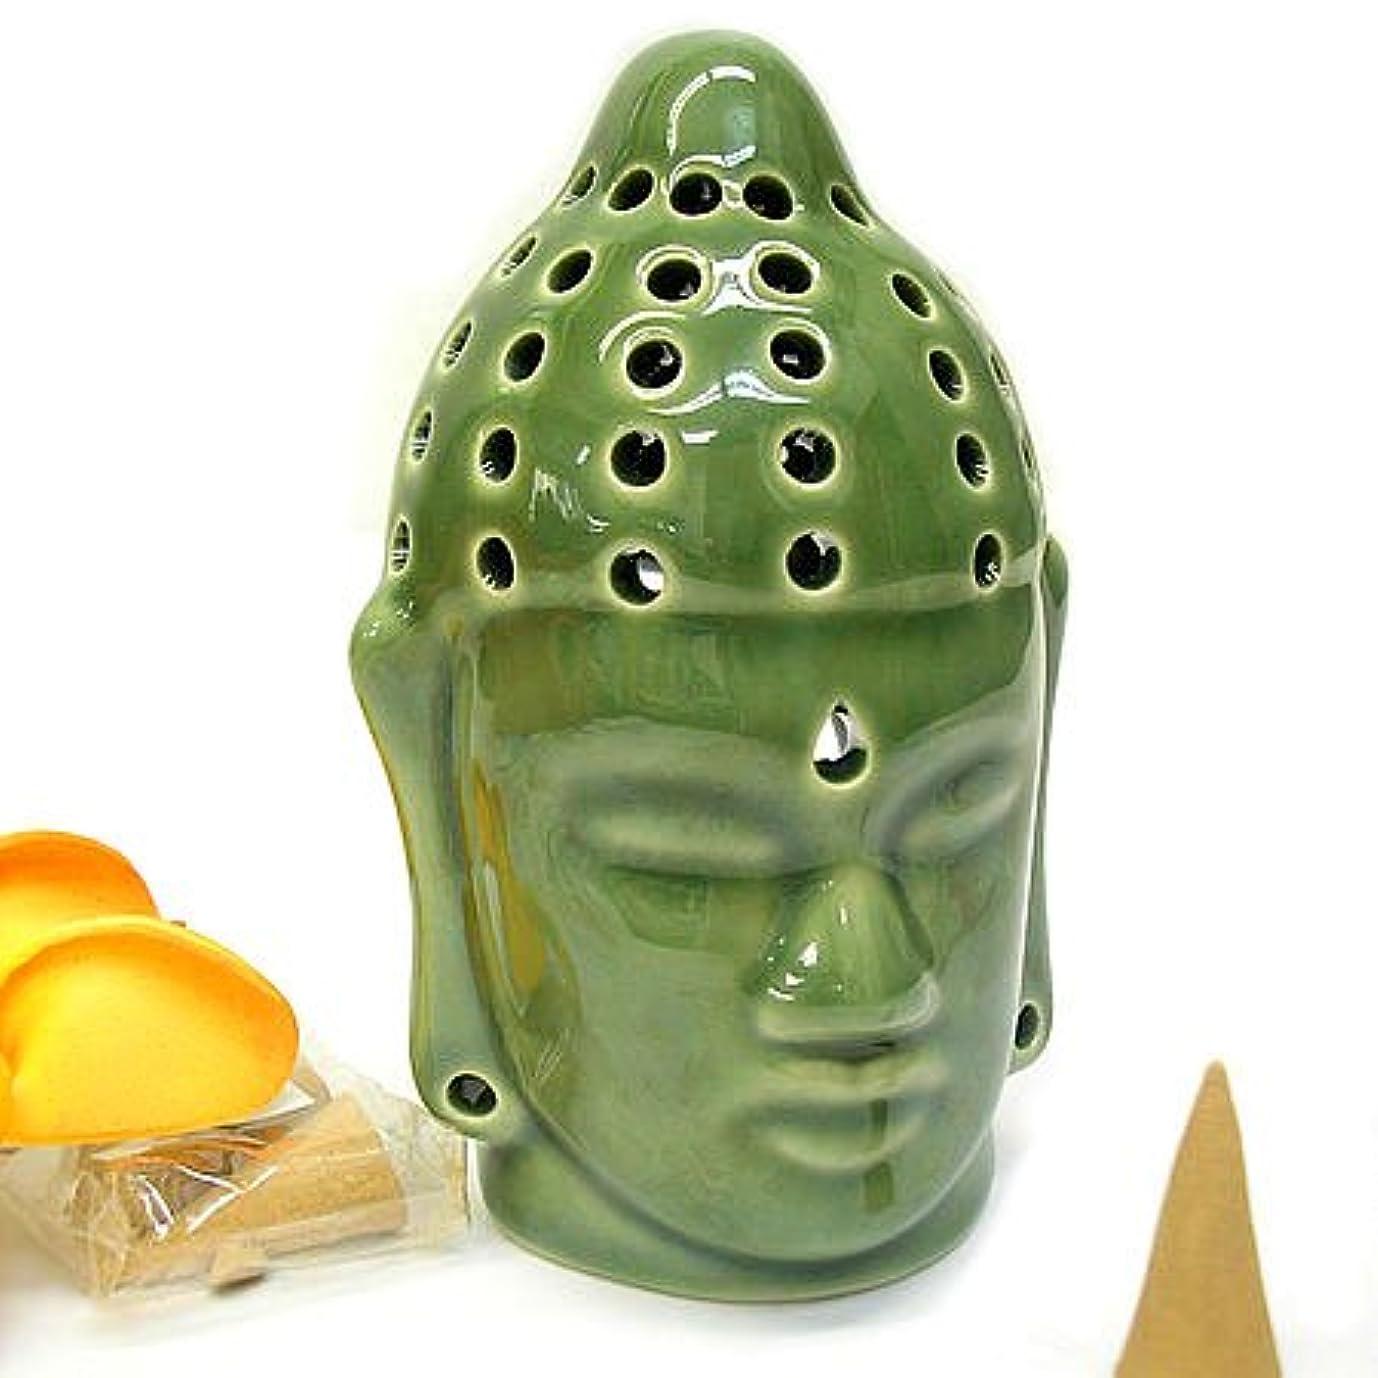 調べる限られた伝記仏陀の お香たて 香炉 コーン用 緑 インセンスホルダー コーン用 お香立て お香たて アジアン雑貨 バリ雑貨